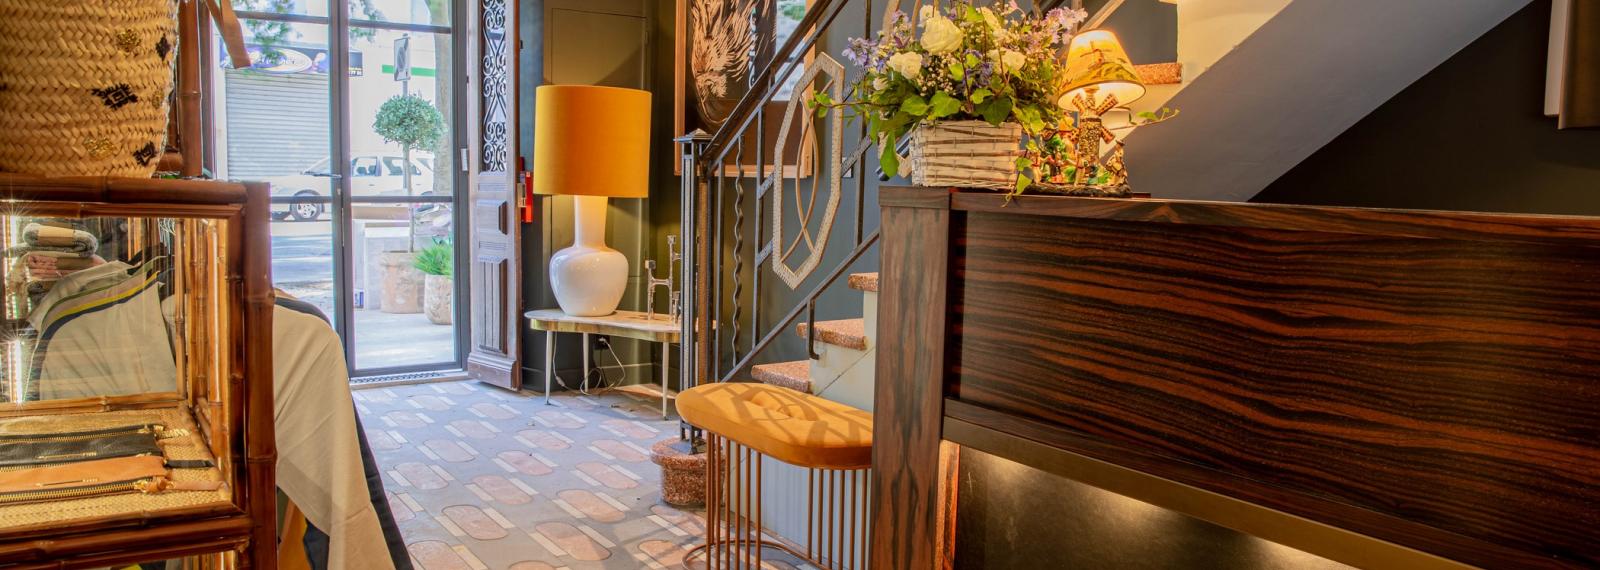 Le Petit Hôtel à Saint-Rémy-de-Provence